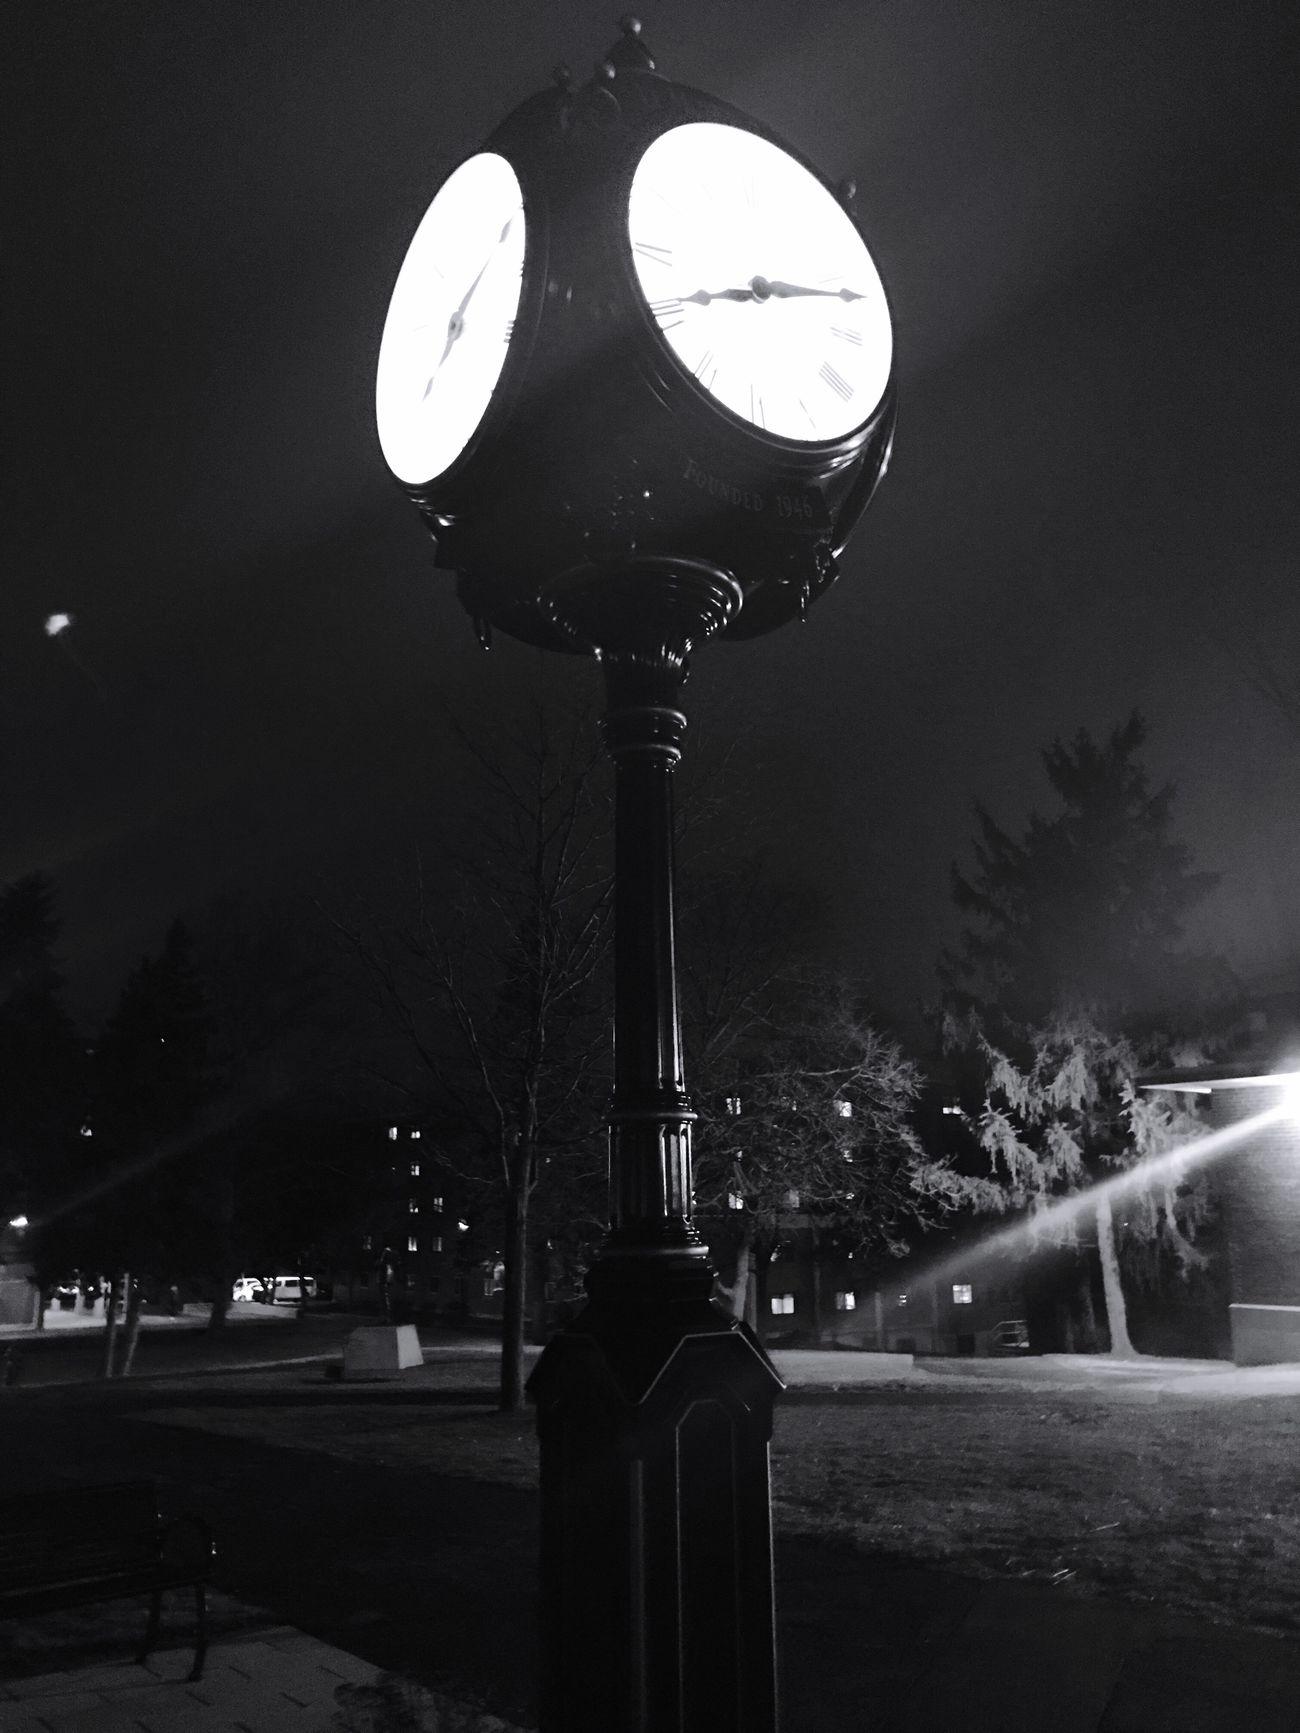 Nightphotography Blackandwhite Syracuse Ny Lemoynedolphins Campus